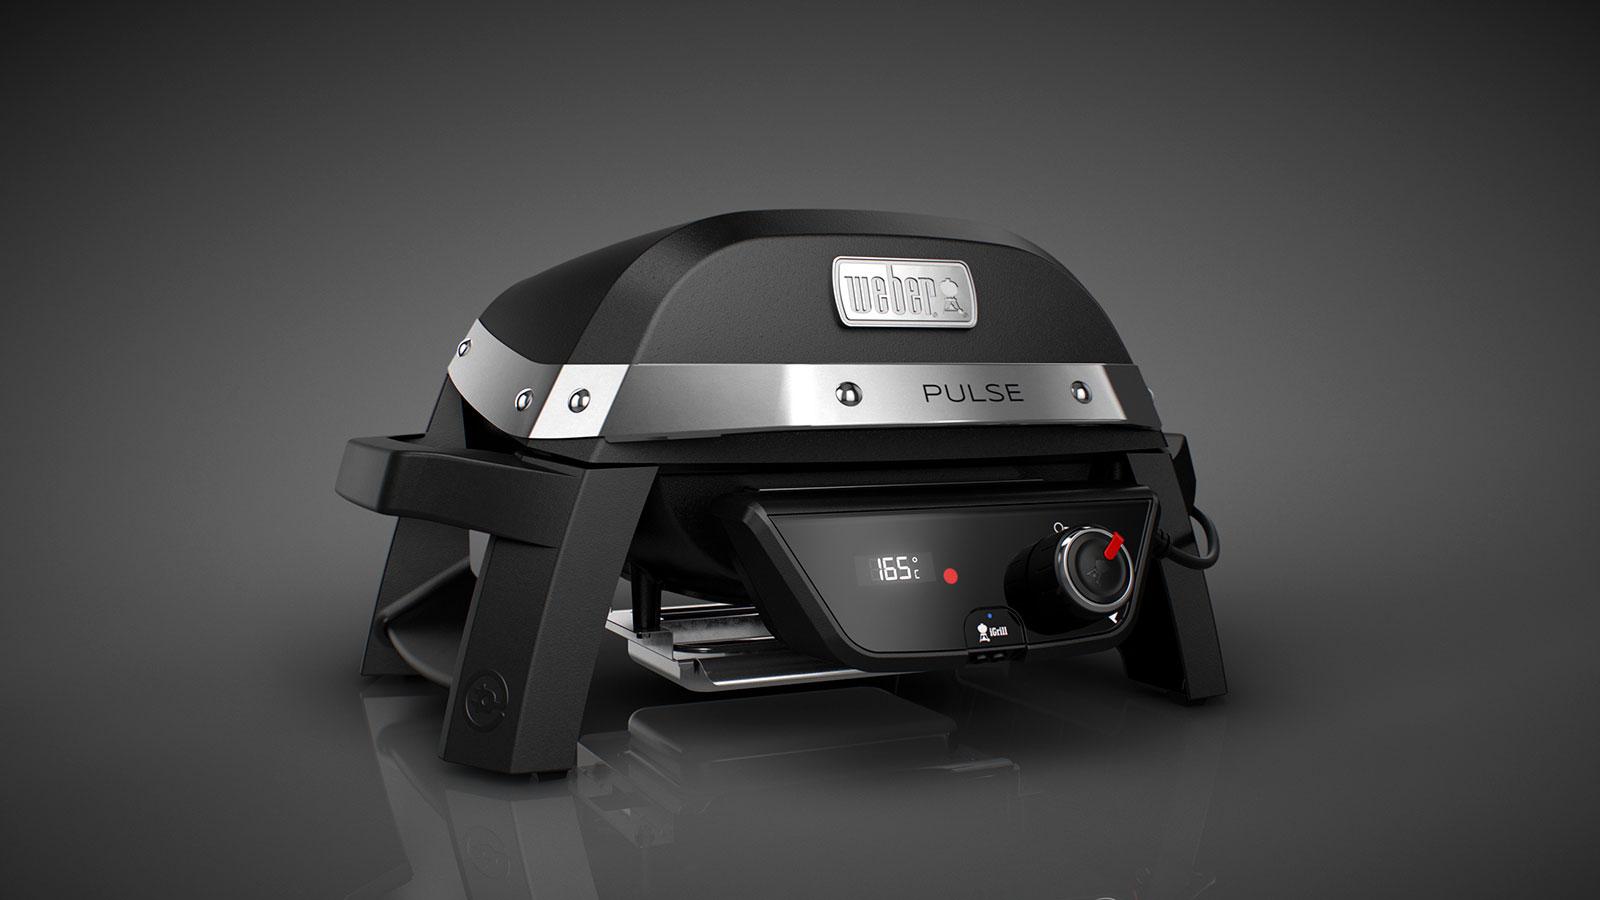 Weber Elektrogrill Mit Temperaturanzeige : Weber pulse elektrogrill grillmarkt radebeul